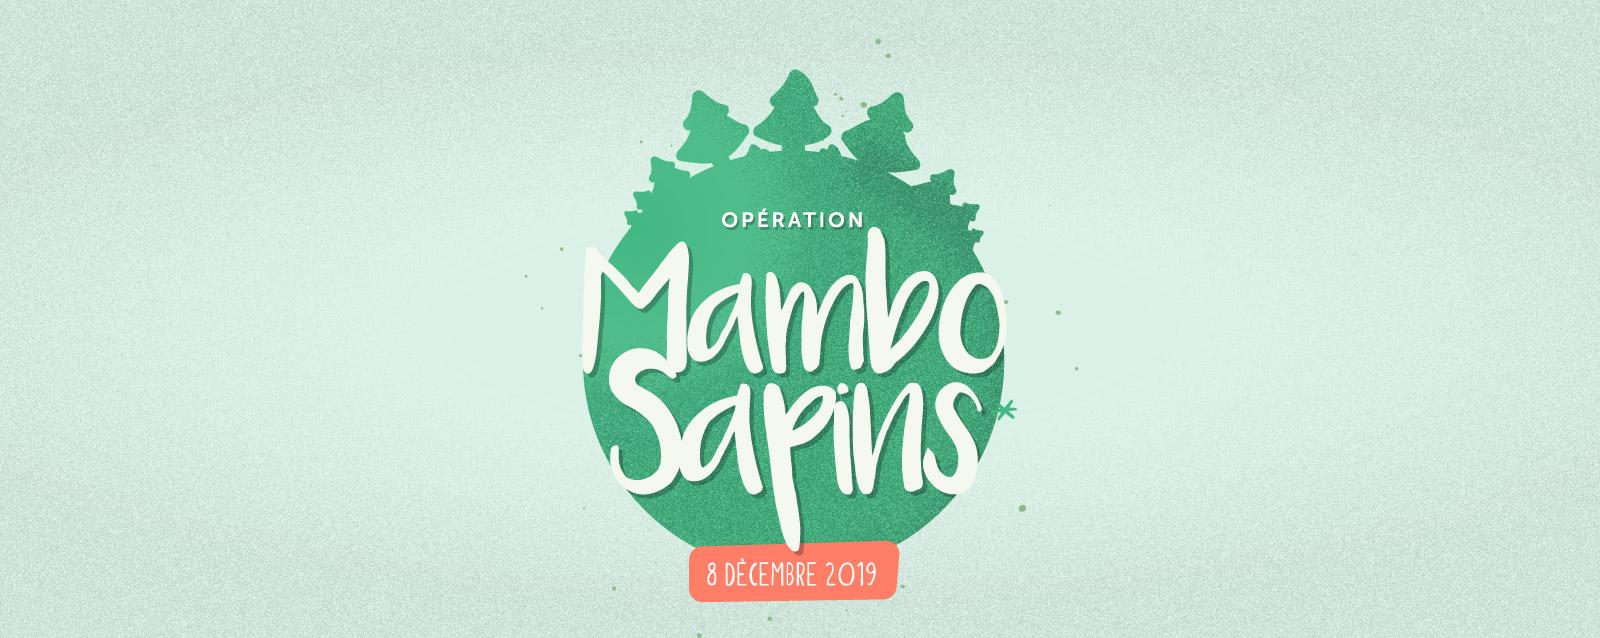 Opération Mambo Sapins